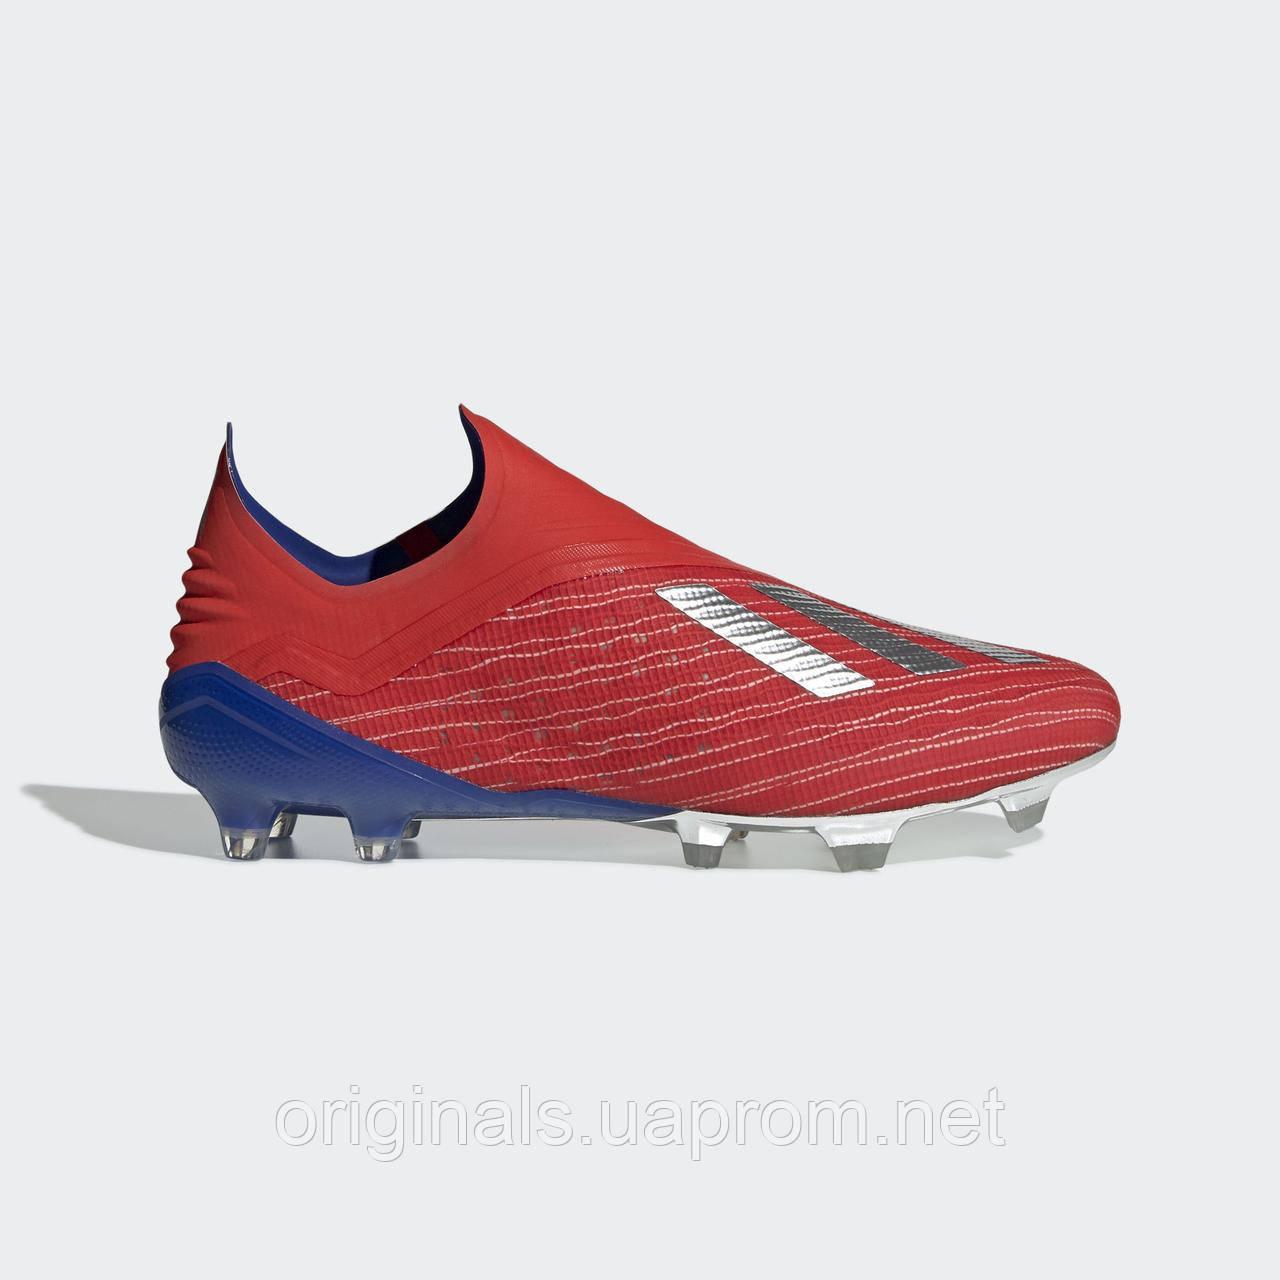 828418ec Футбольные бутсы Adidas X 18+ FG BB9337 - 2019 - интернет-магазин Originals  -